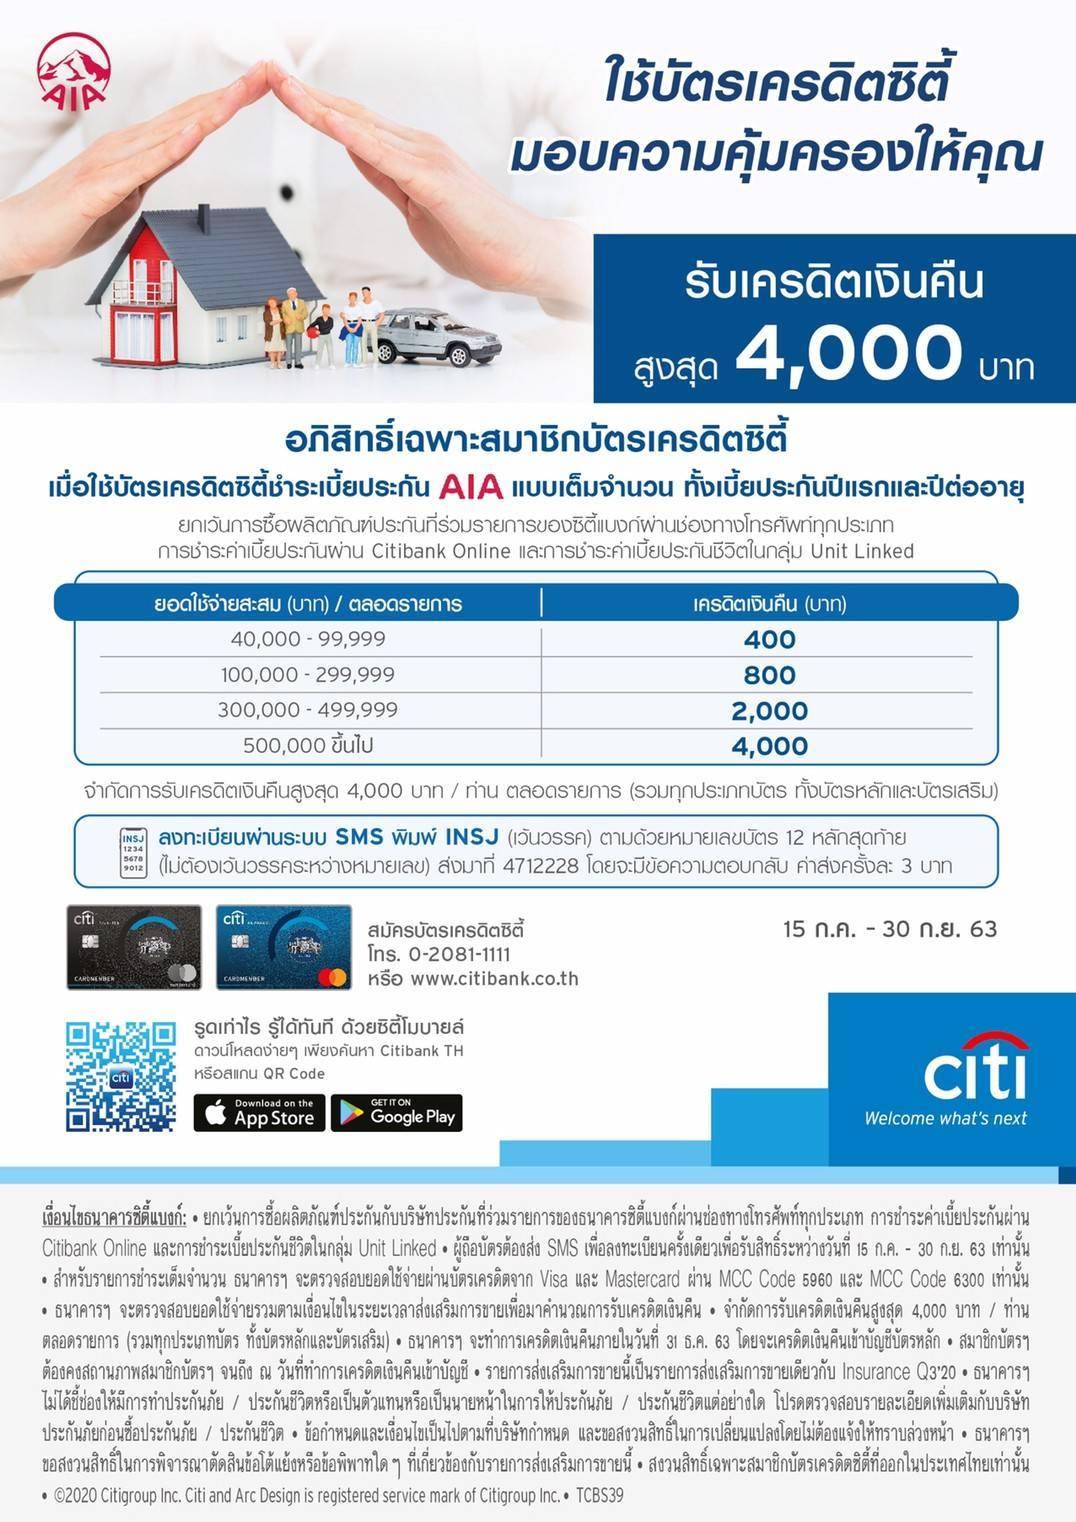 โปรโมชั่นบัตรเครดิตซิตี้ Citibank เมื่อชำระเบี้ย AIAรับเครดิตเงินคืนสูงสุด 4000 บาท